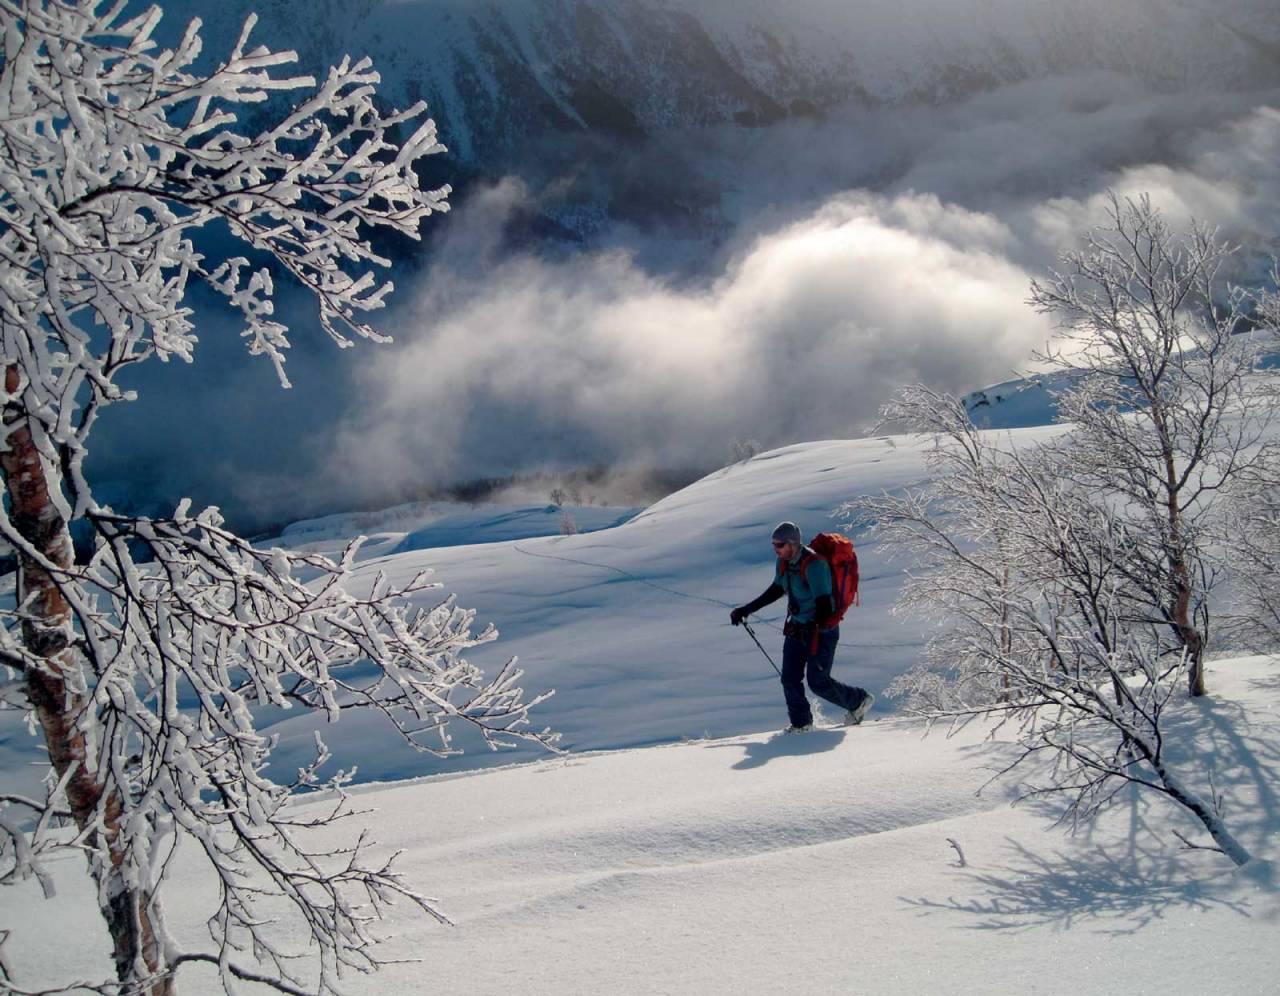 Foto: Joar Helgheim. / Toppturar i Sunnfjord.